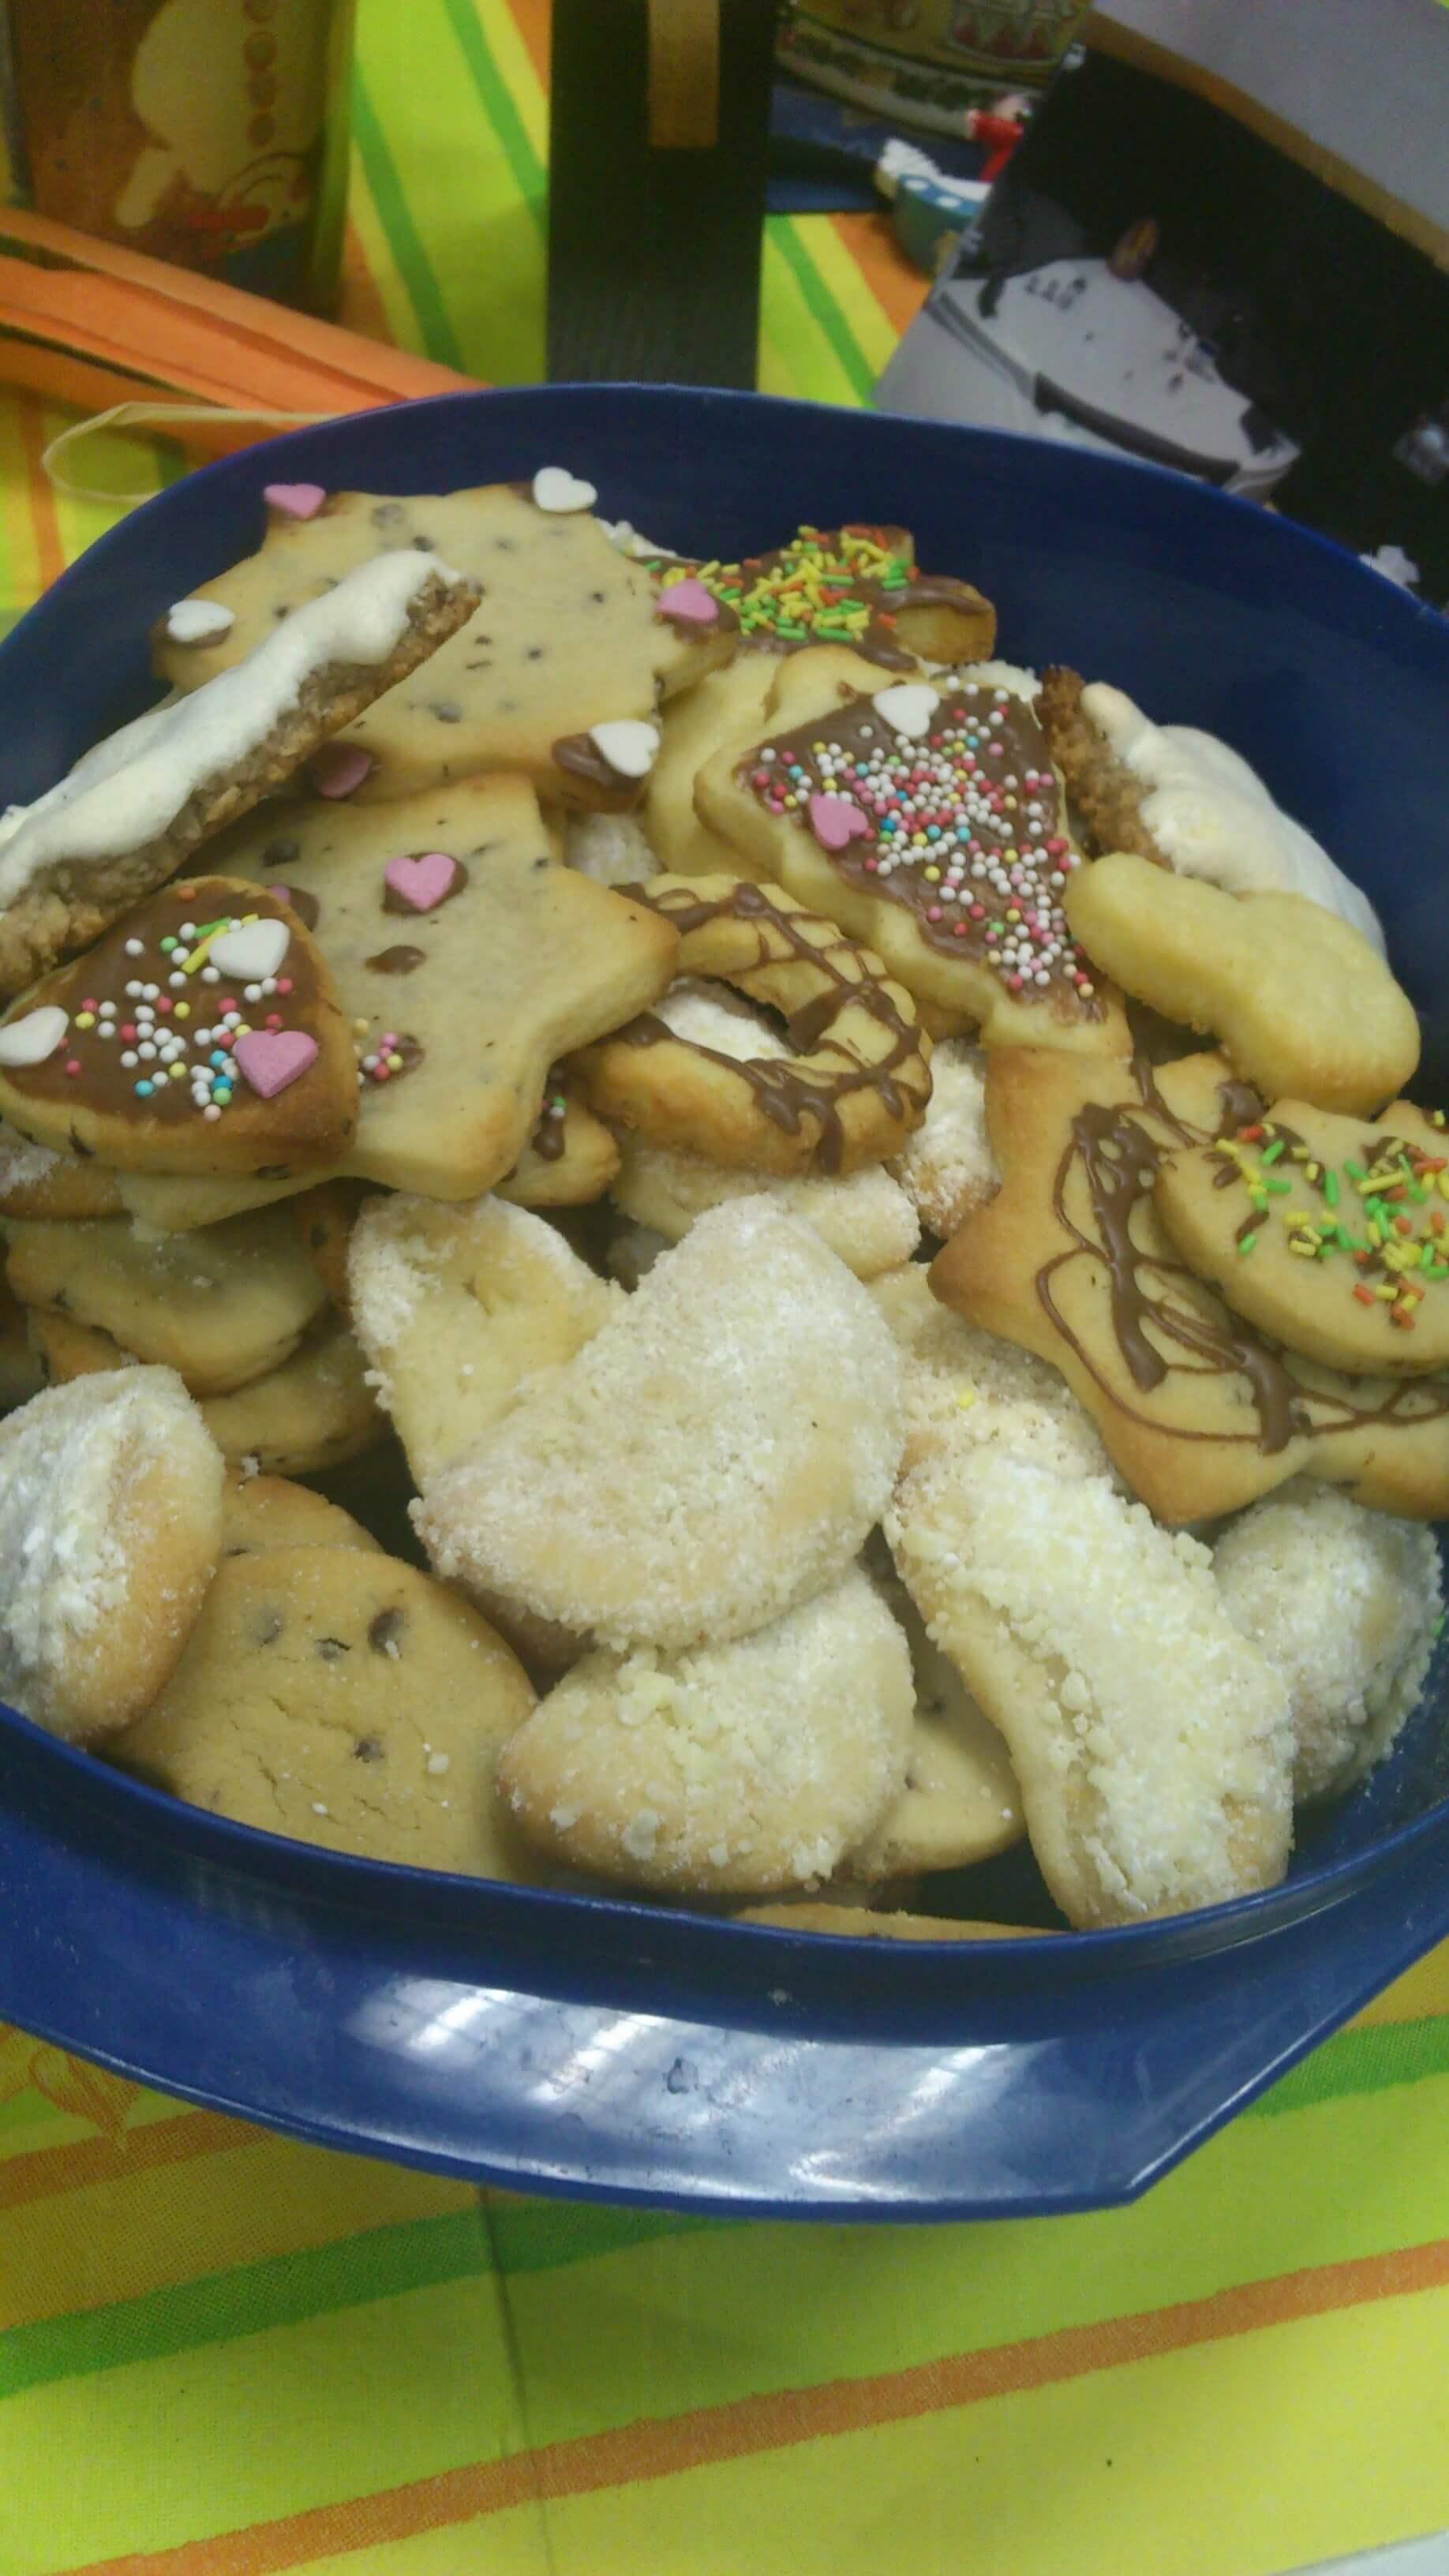 Kekse Advent Weihnachten (c) familienfreund.de